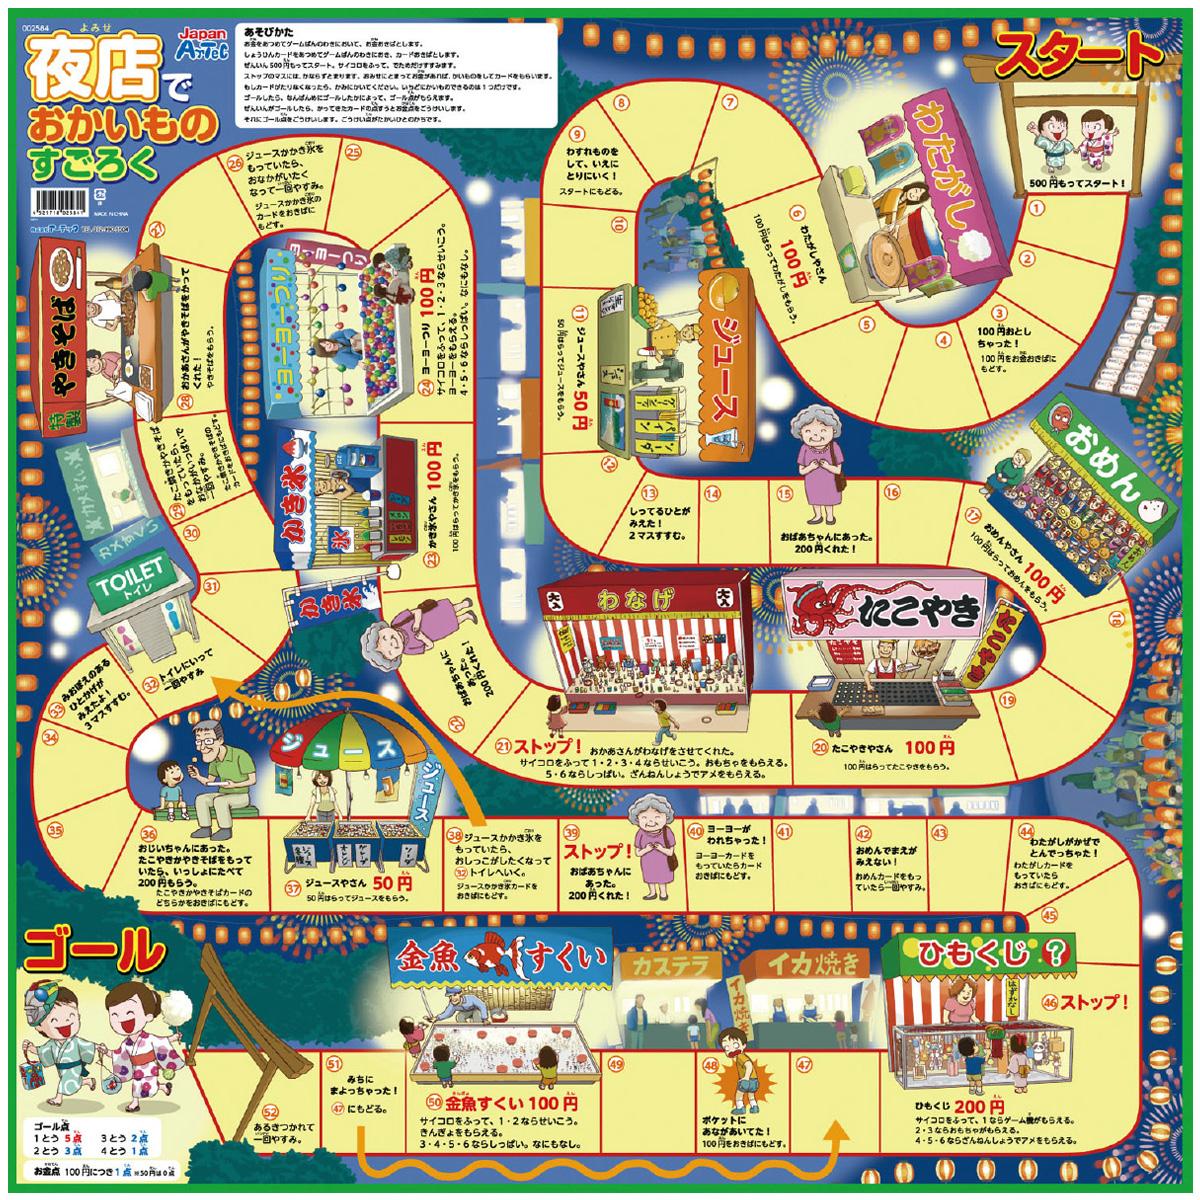 選択 メール便送料無料 知育玩具 キッズ 子供 小学生 ゲーム ギフト おもちゃ 室内 3点セット カードゲーム すごろく カード 幼児 ボードゲーム